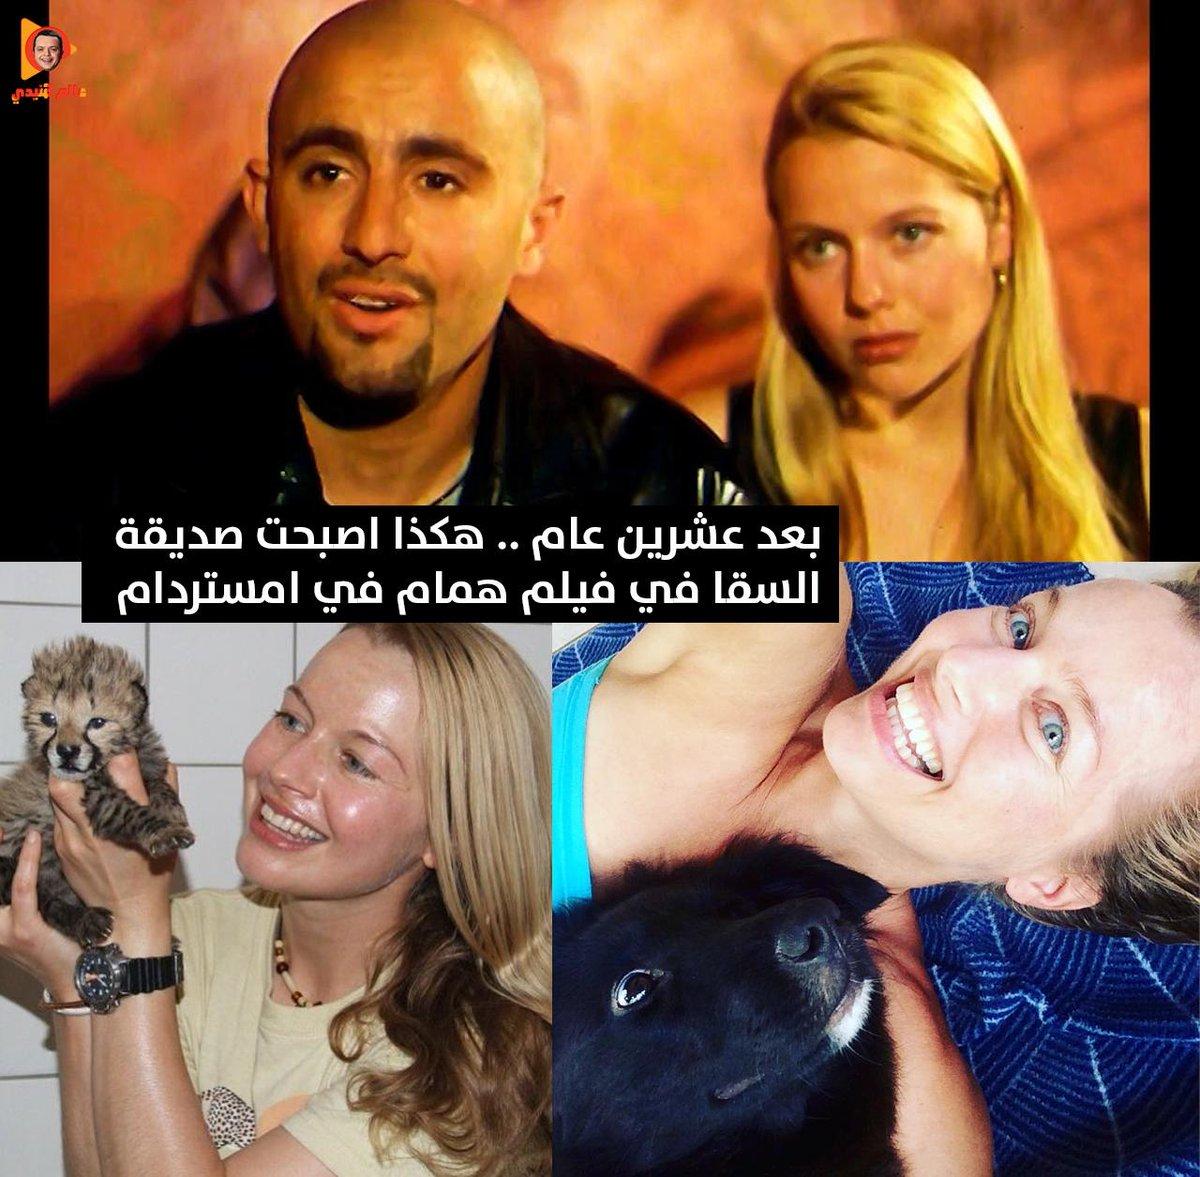 صديقة احمد السقا فى الفيلم